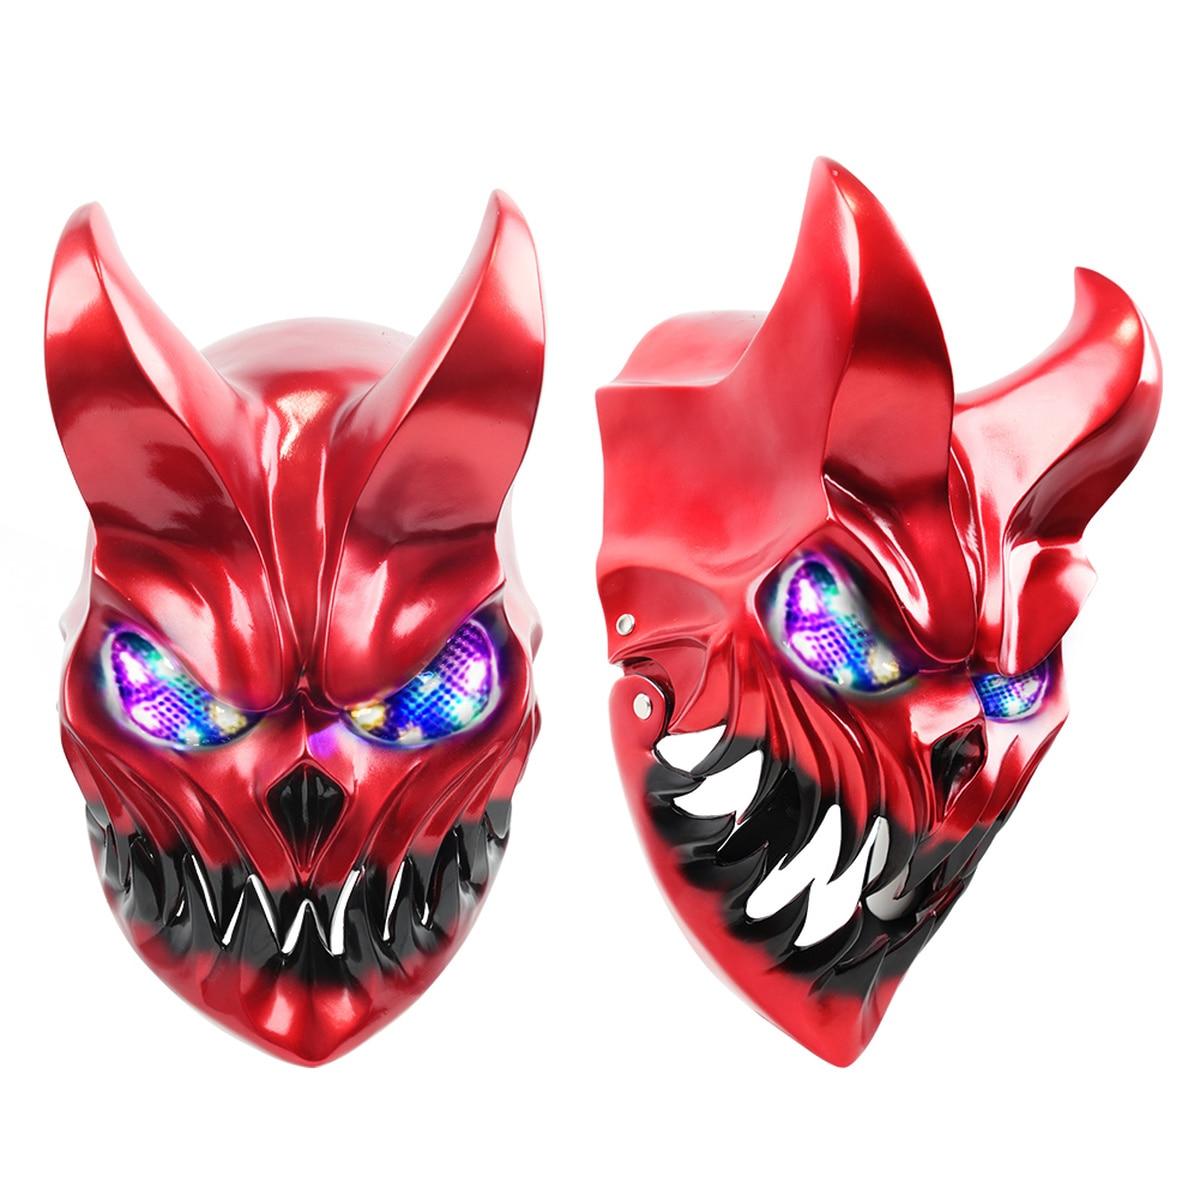 Demon Mask Slaughter To Prevail chico de la oscuridad demolidor LED Light Up máscaras Cosplay de Halloween casco de miedo (rojo brillante)